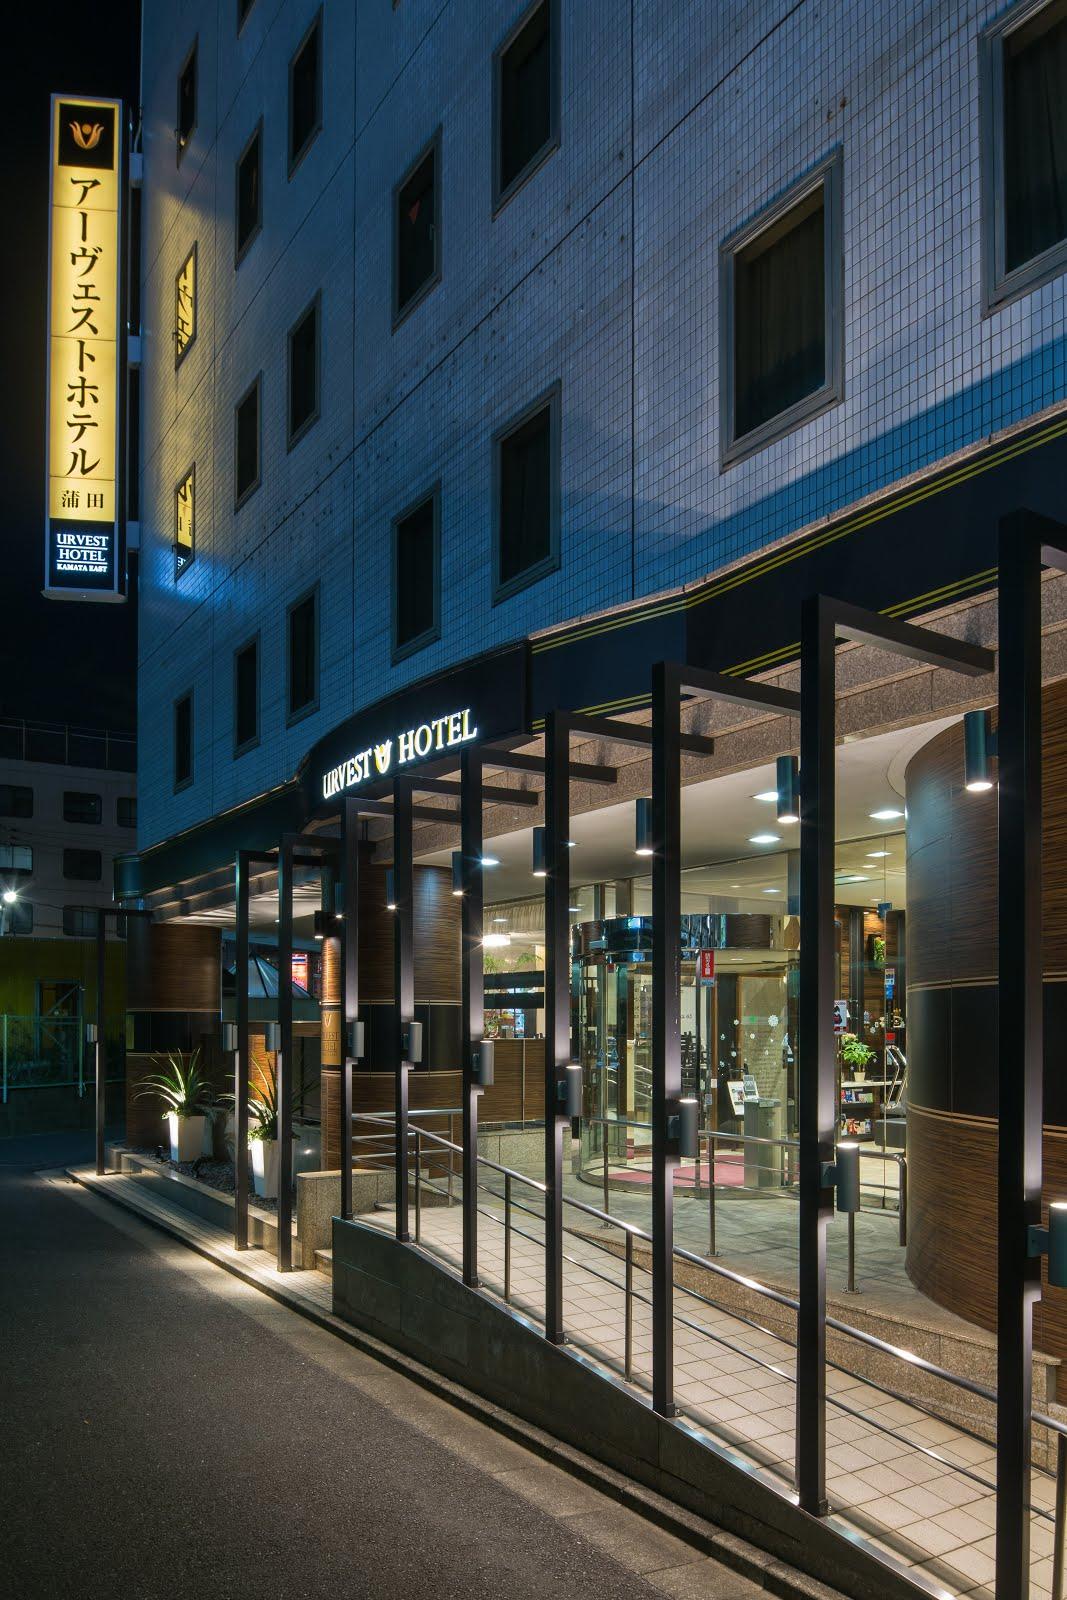 アーヴェストホテル蒲田店ブログ